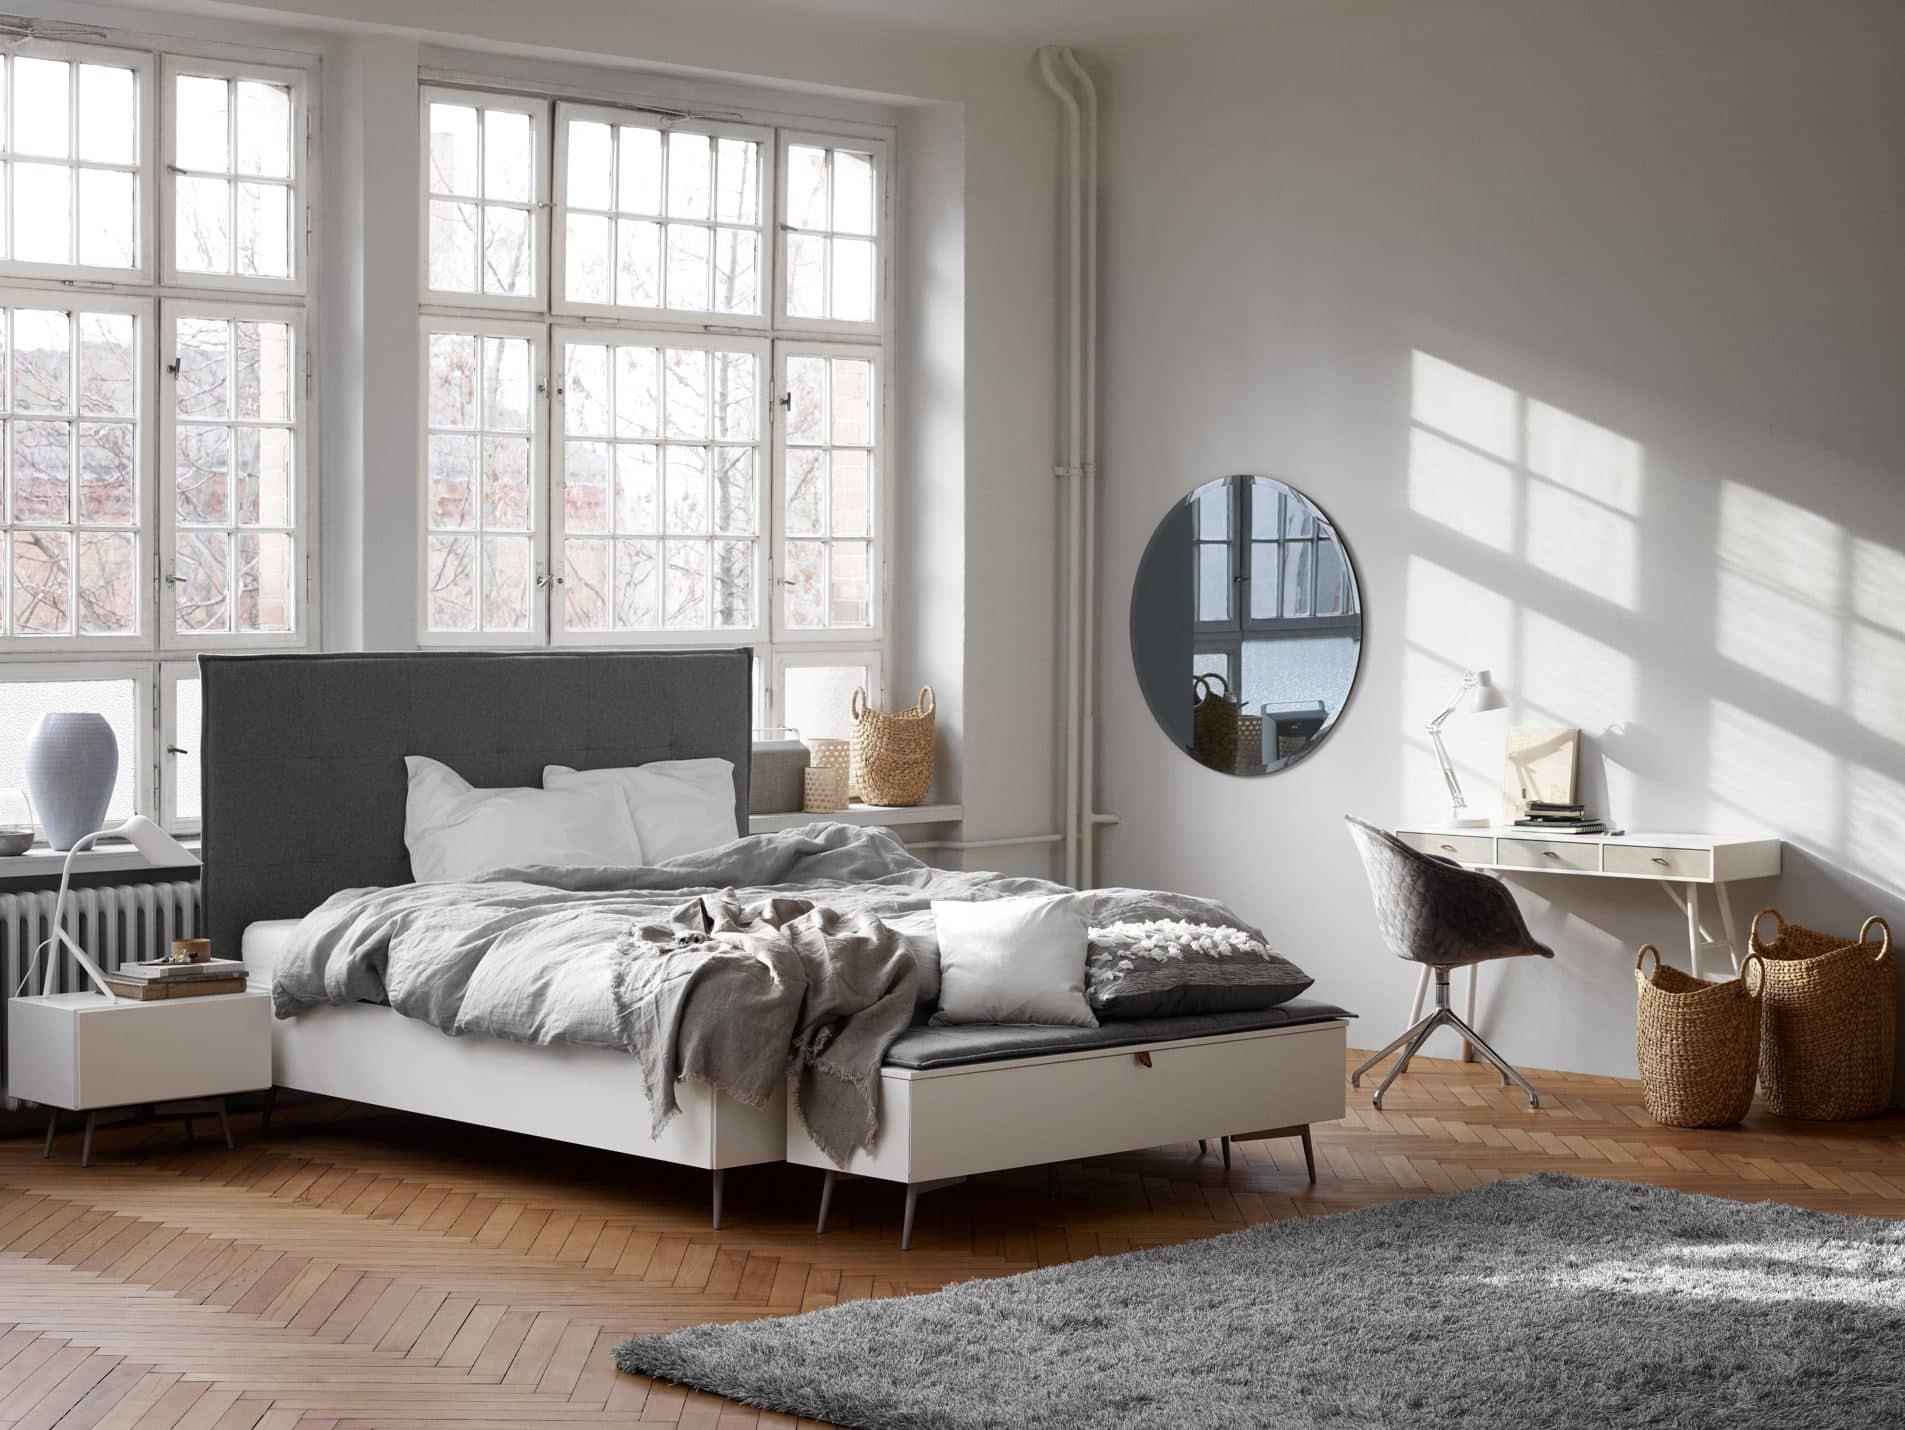 Full Size of Betten Mit Aufbewahrung Ikea Aufbewahrungsbeutel 90x200 Bett 180x200 140x200 Stauraum Malm Aufbewahrungsbox Lugano Design By Boconcept Experience Dico Bett Betten Mit Aufbewahrung